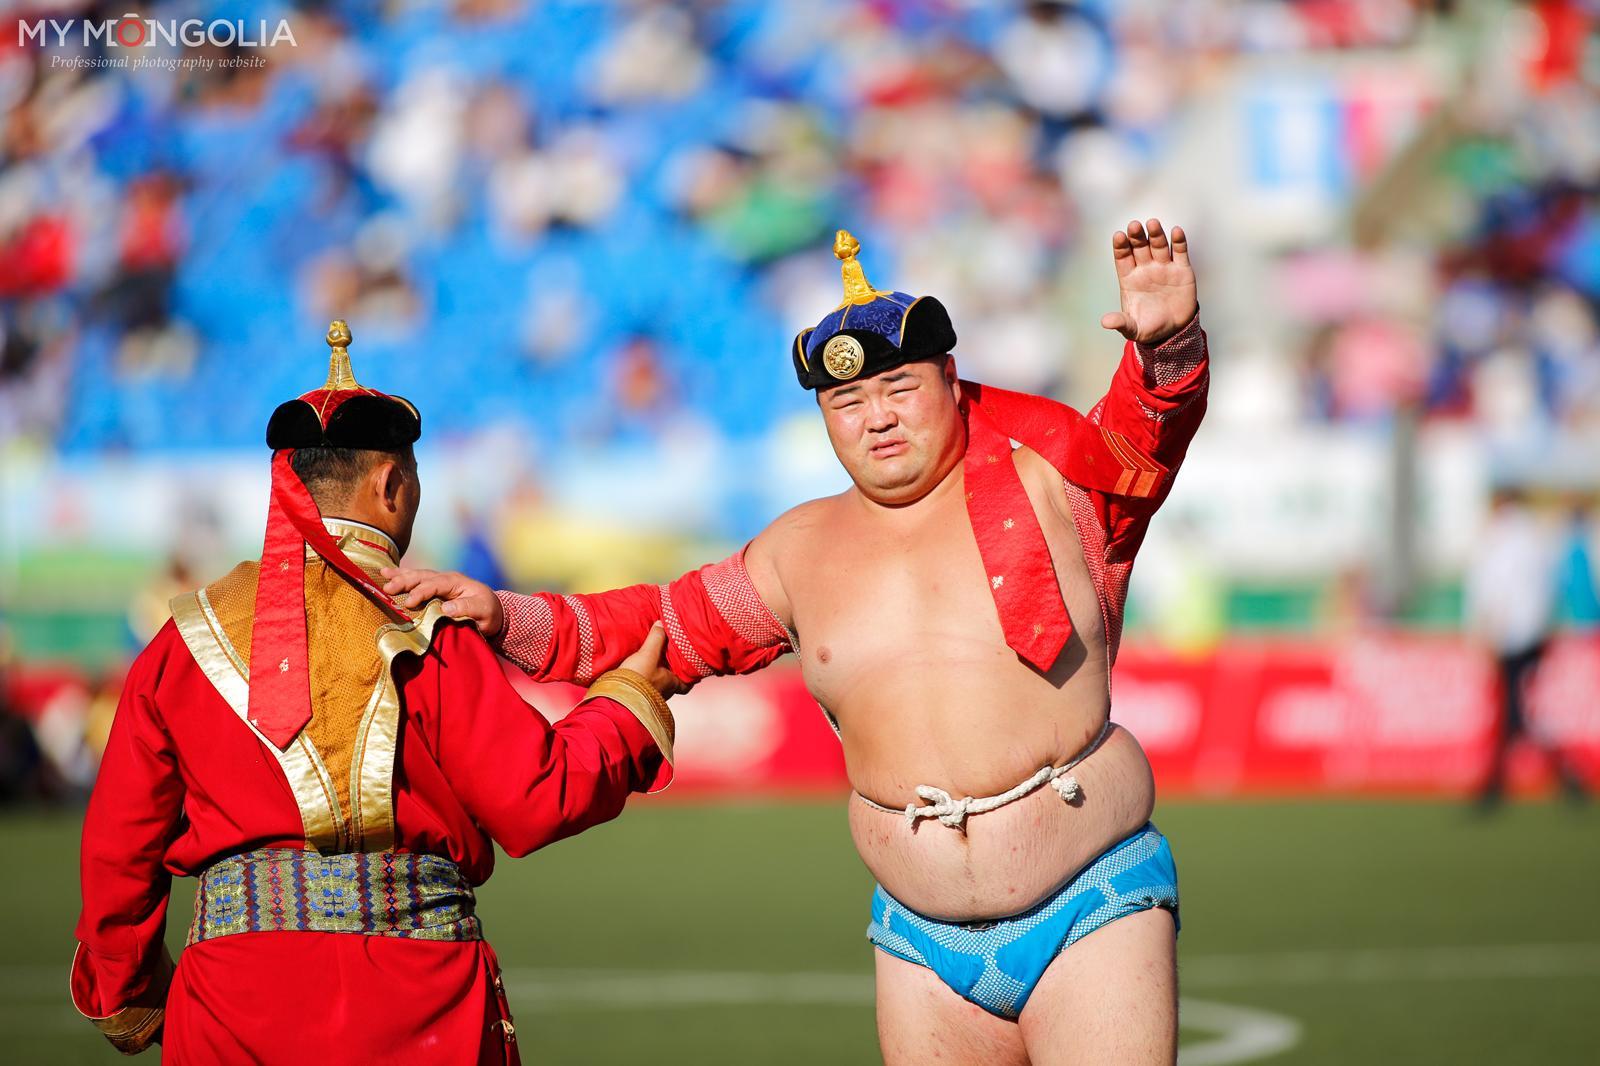 Монгол Улсын аварга Э.Оюунболд